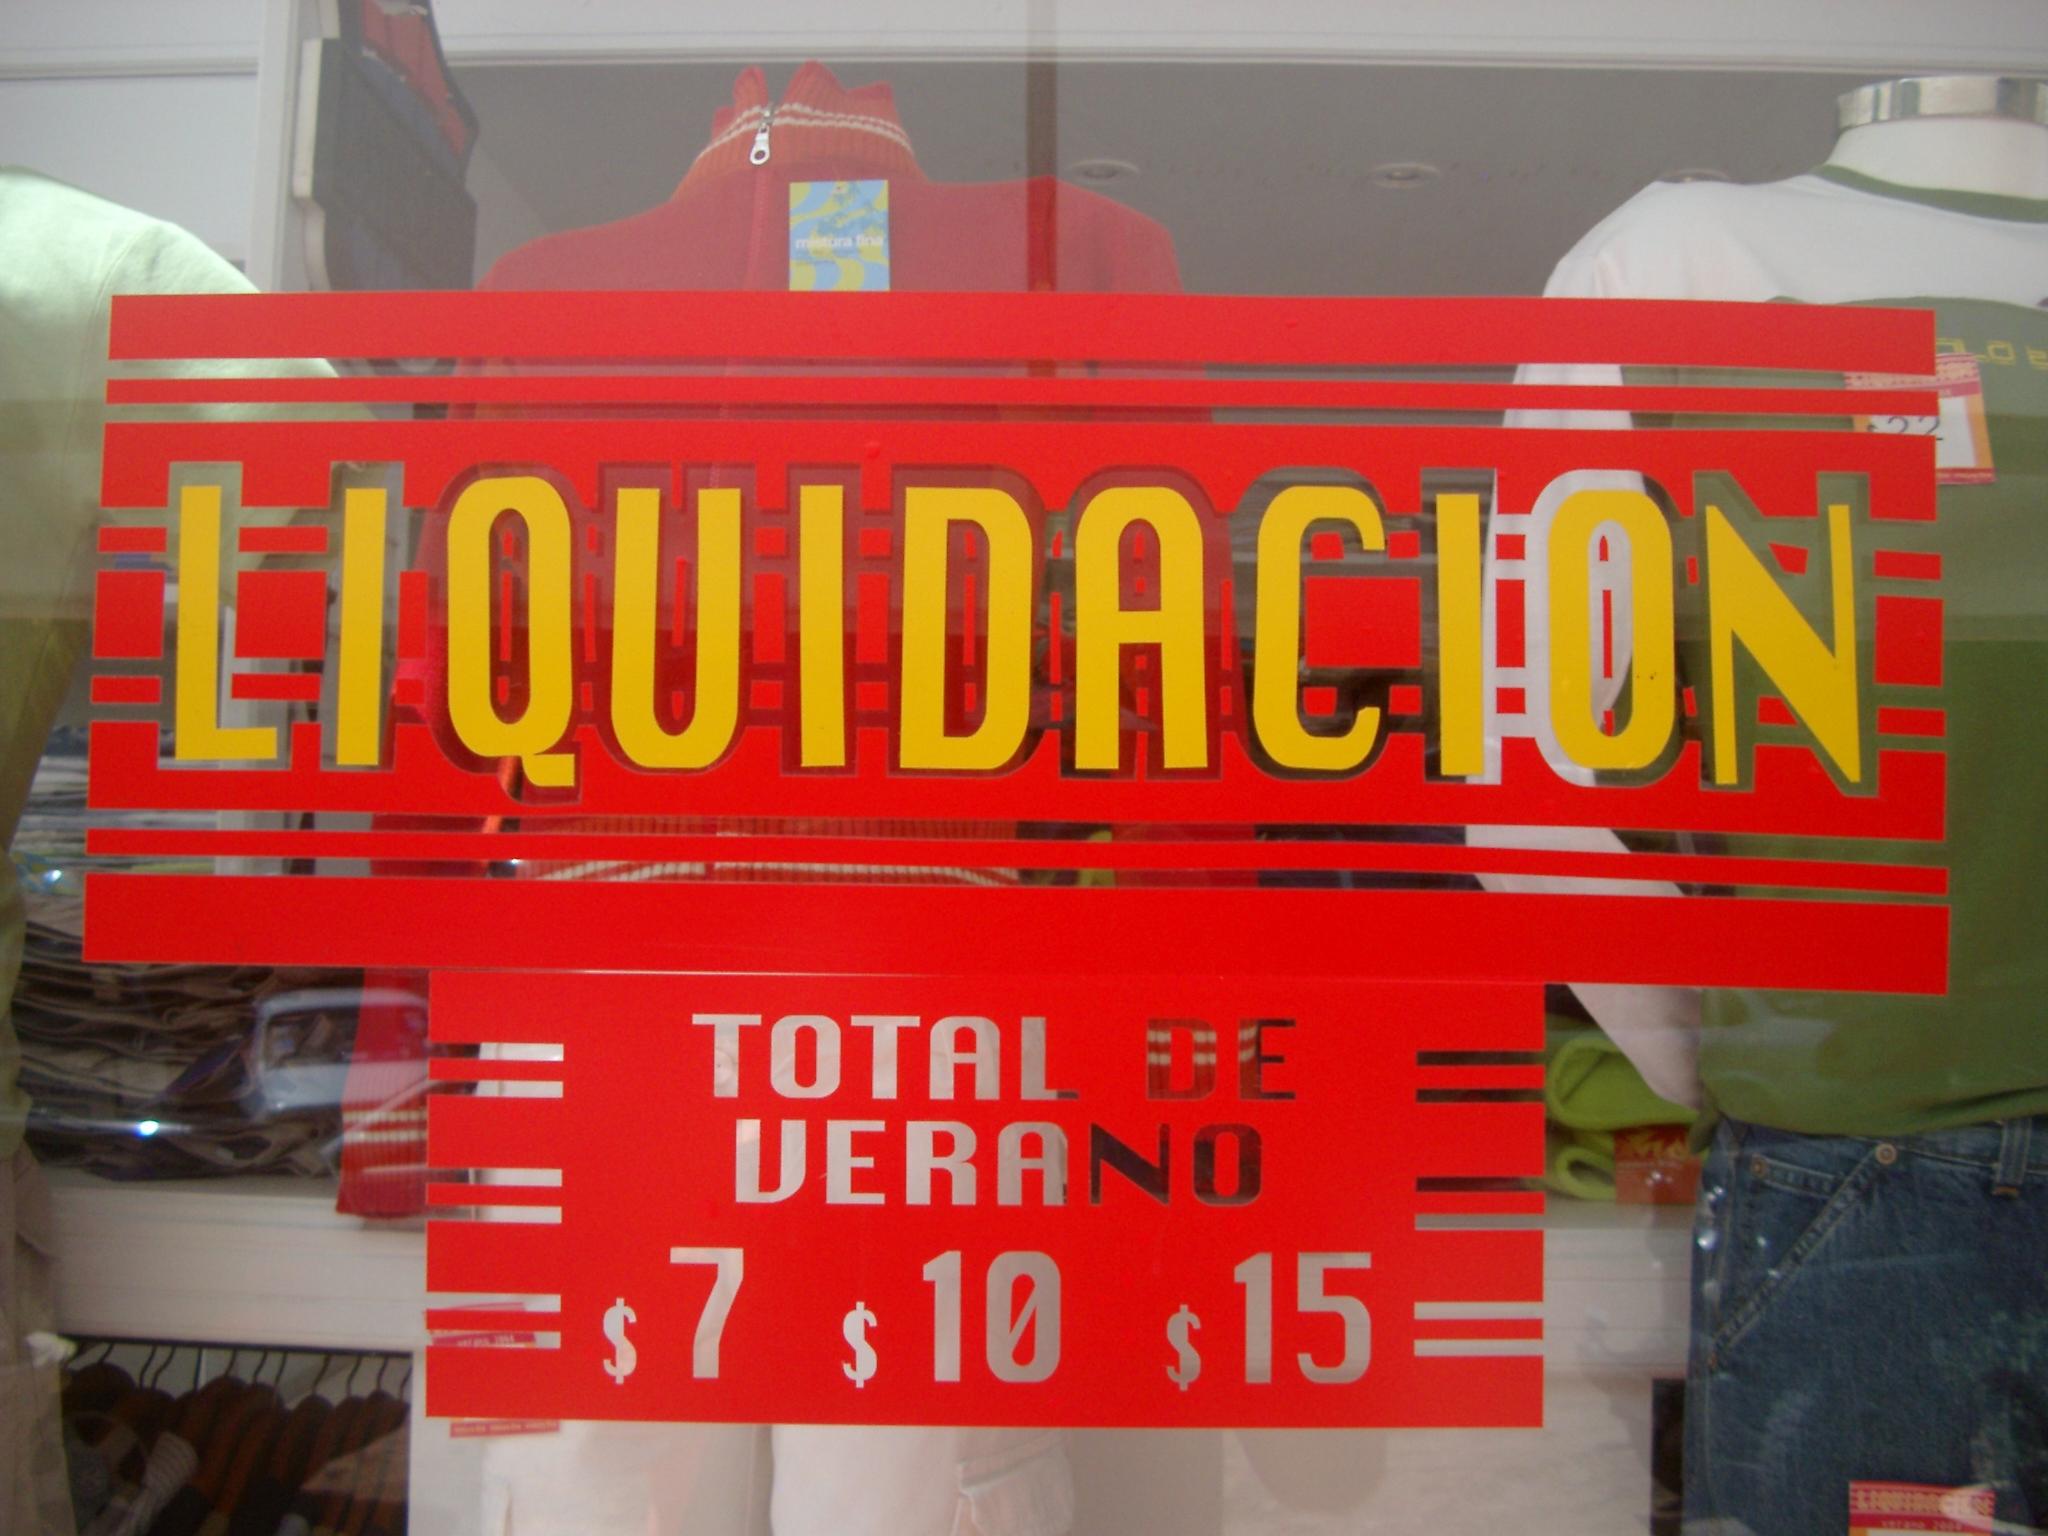 Liquidacion, Buenos Aires.JPG